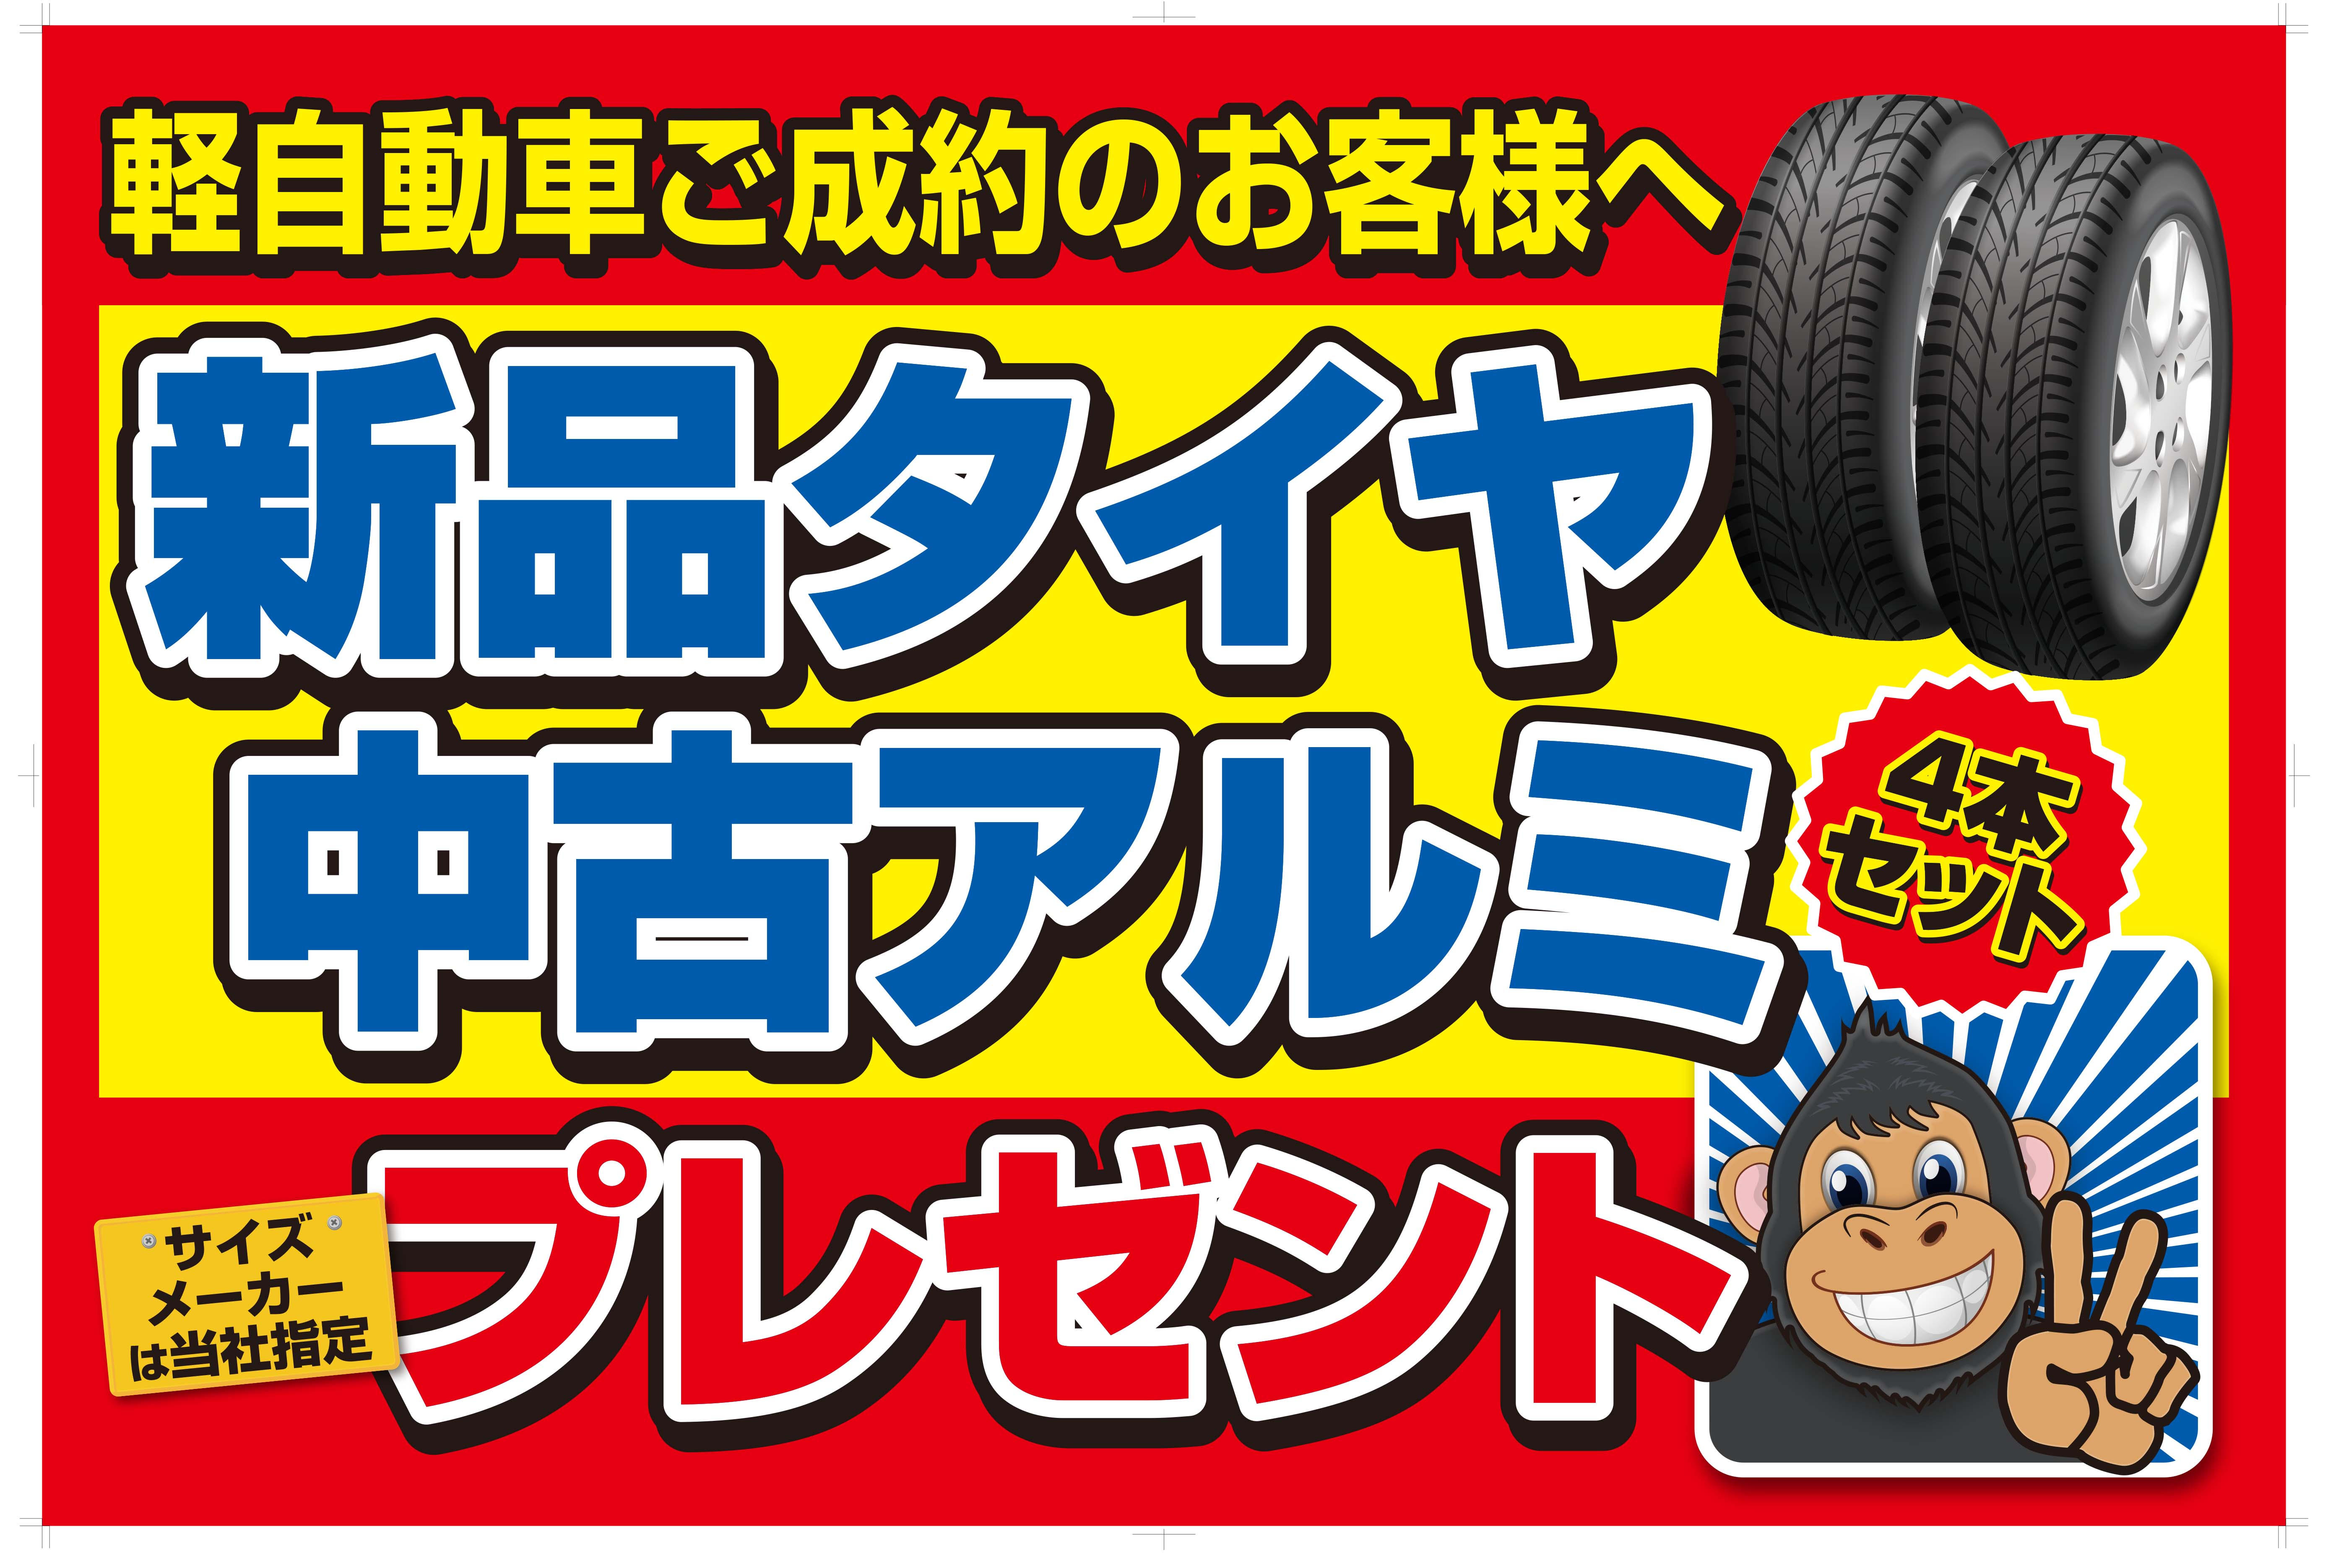 軽自動車ご成約のお客様へ 新品タイヤと中古アルミホイールプレゼント!!